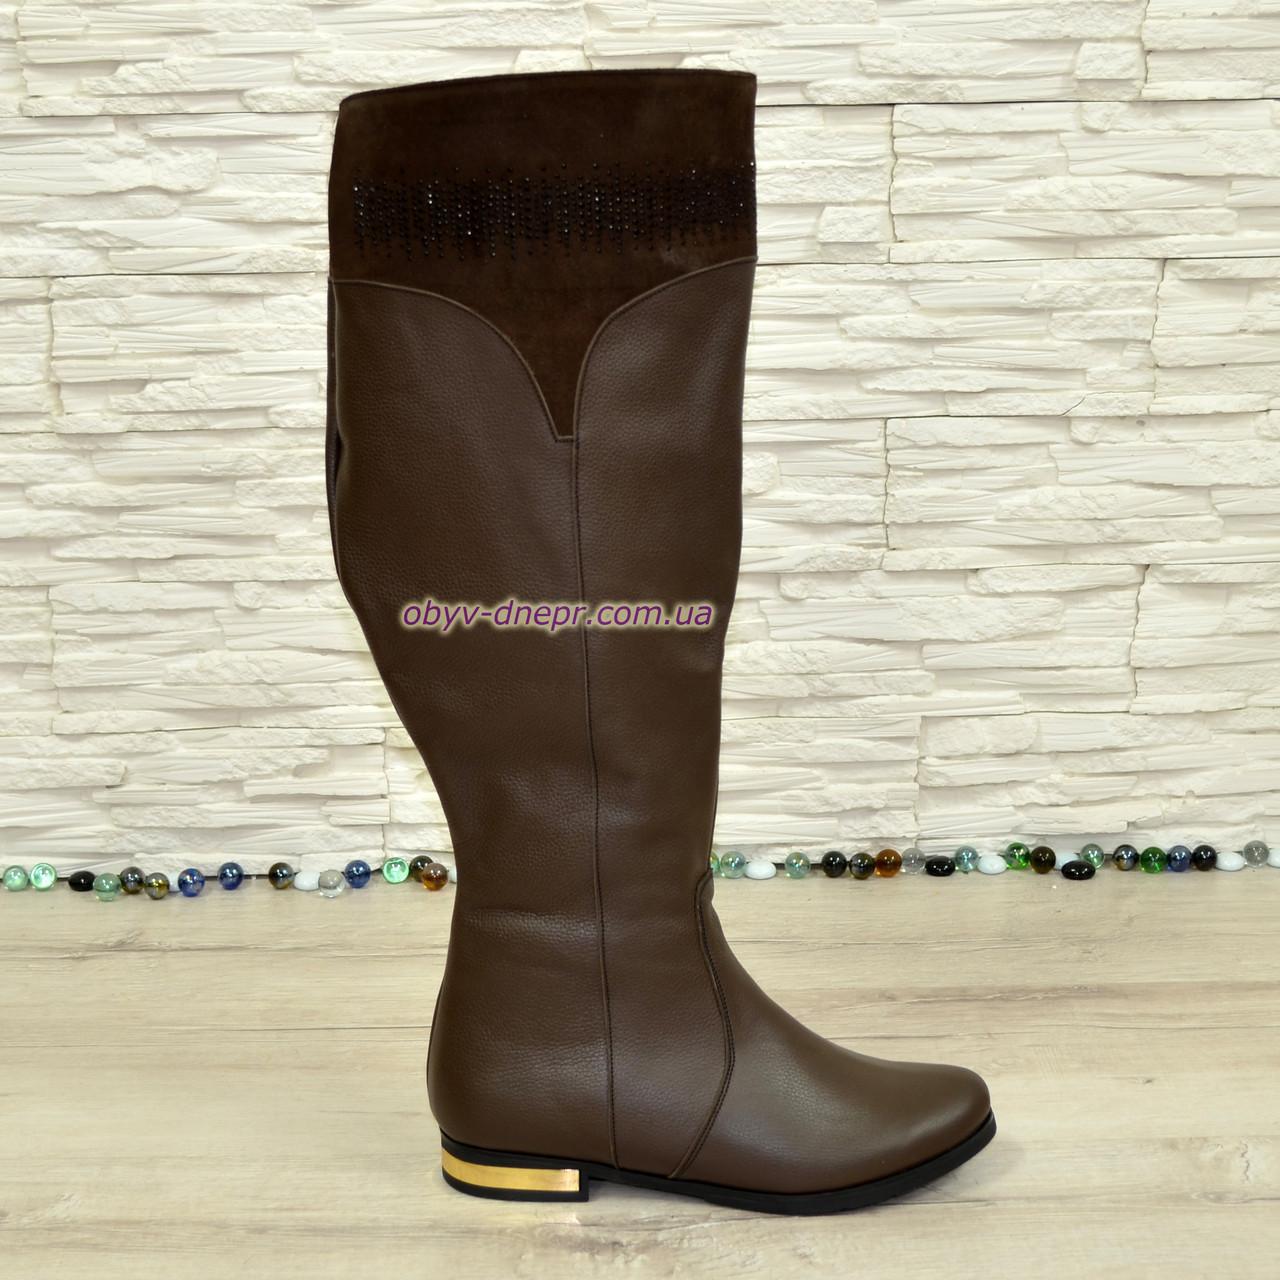 Сапоги высокие кожаные коричневые, широкое голенище!